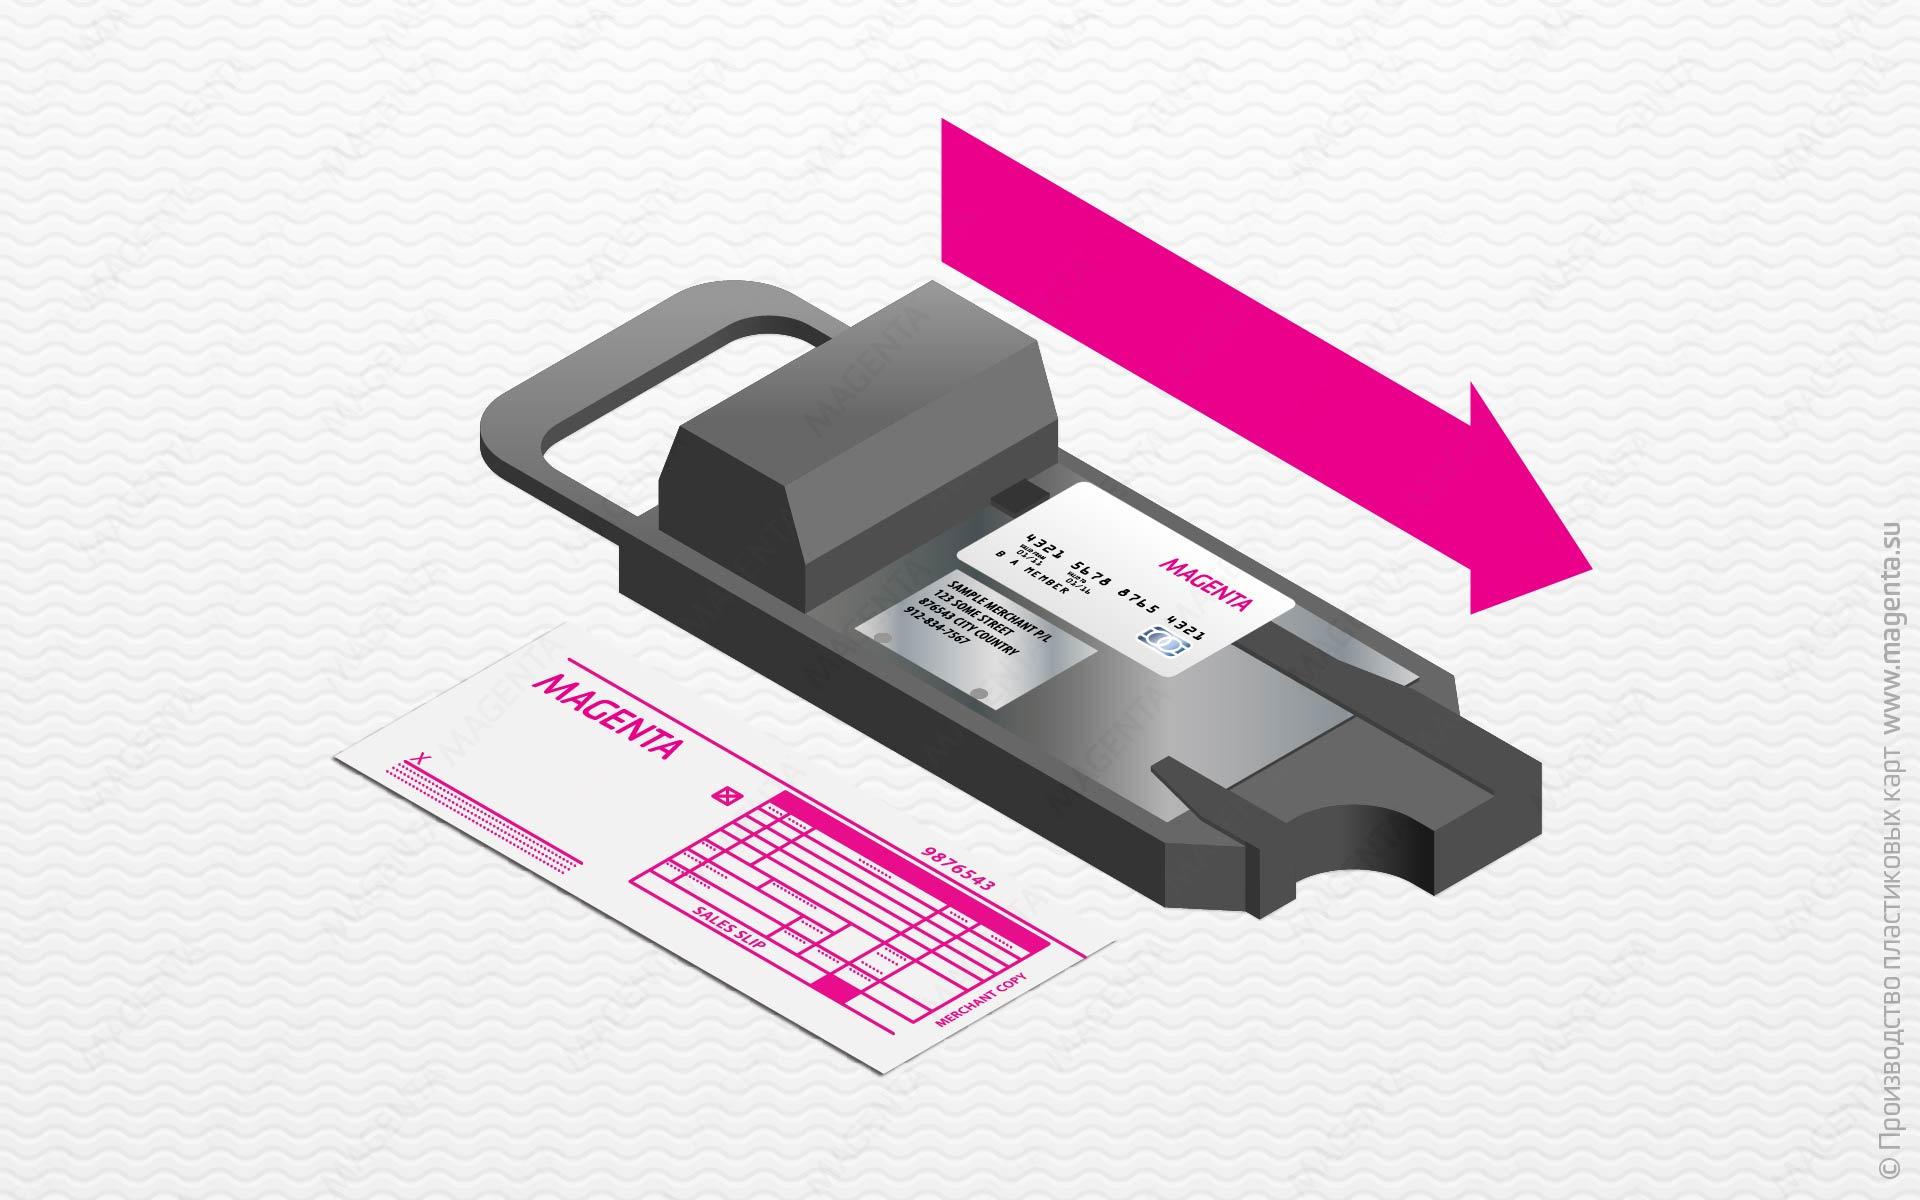 Импринтер для оттиска номера карты через копировальную бумагу5c5ac0f23b613